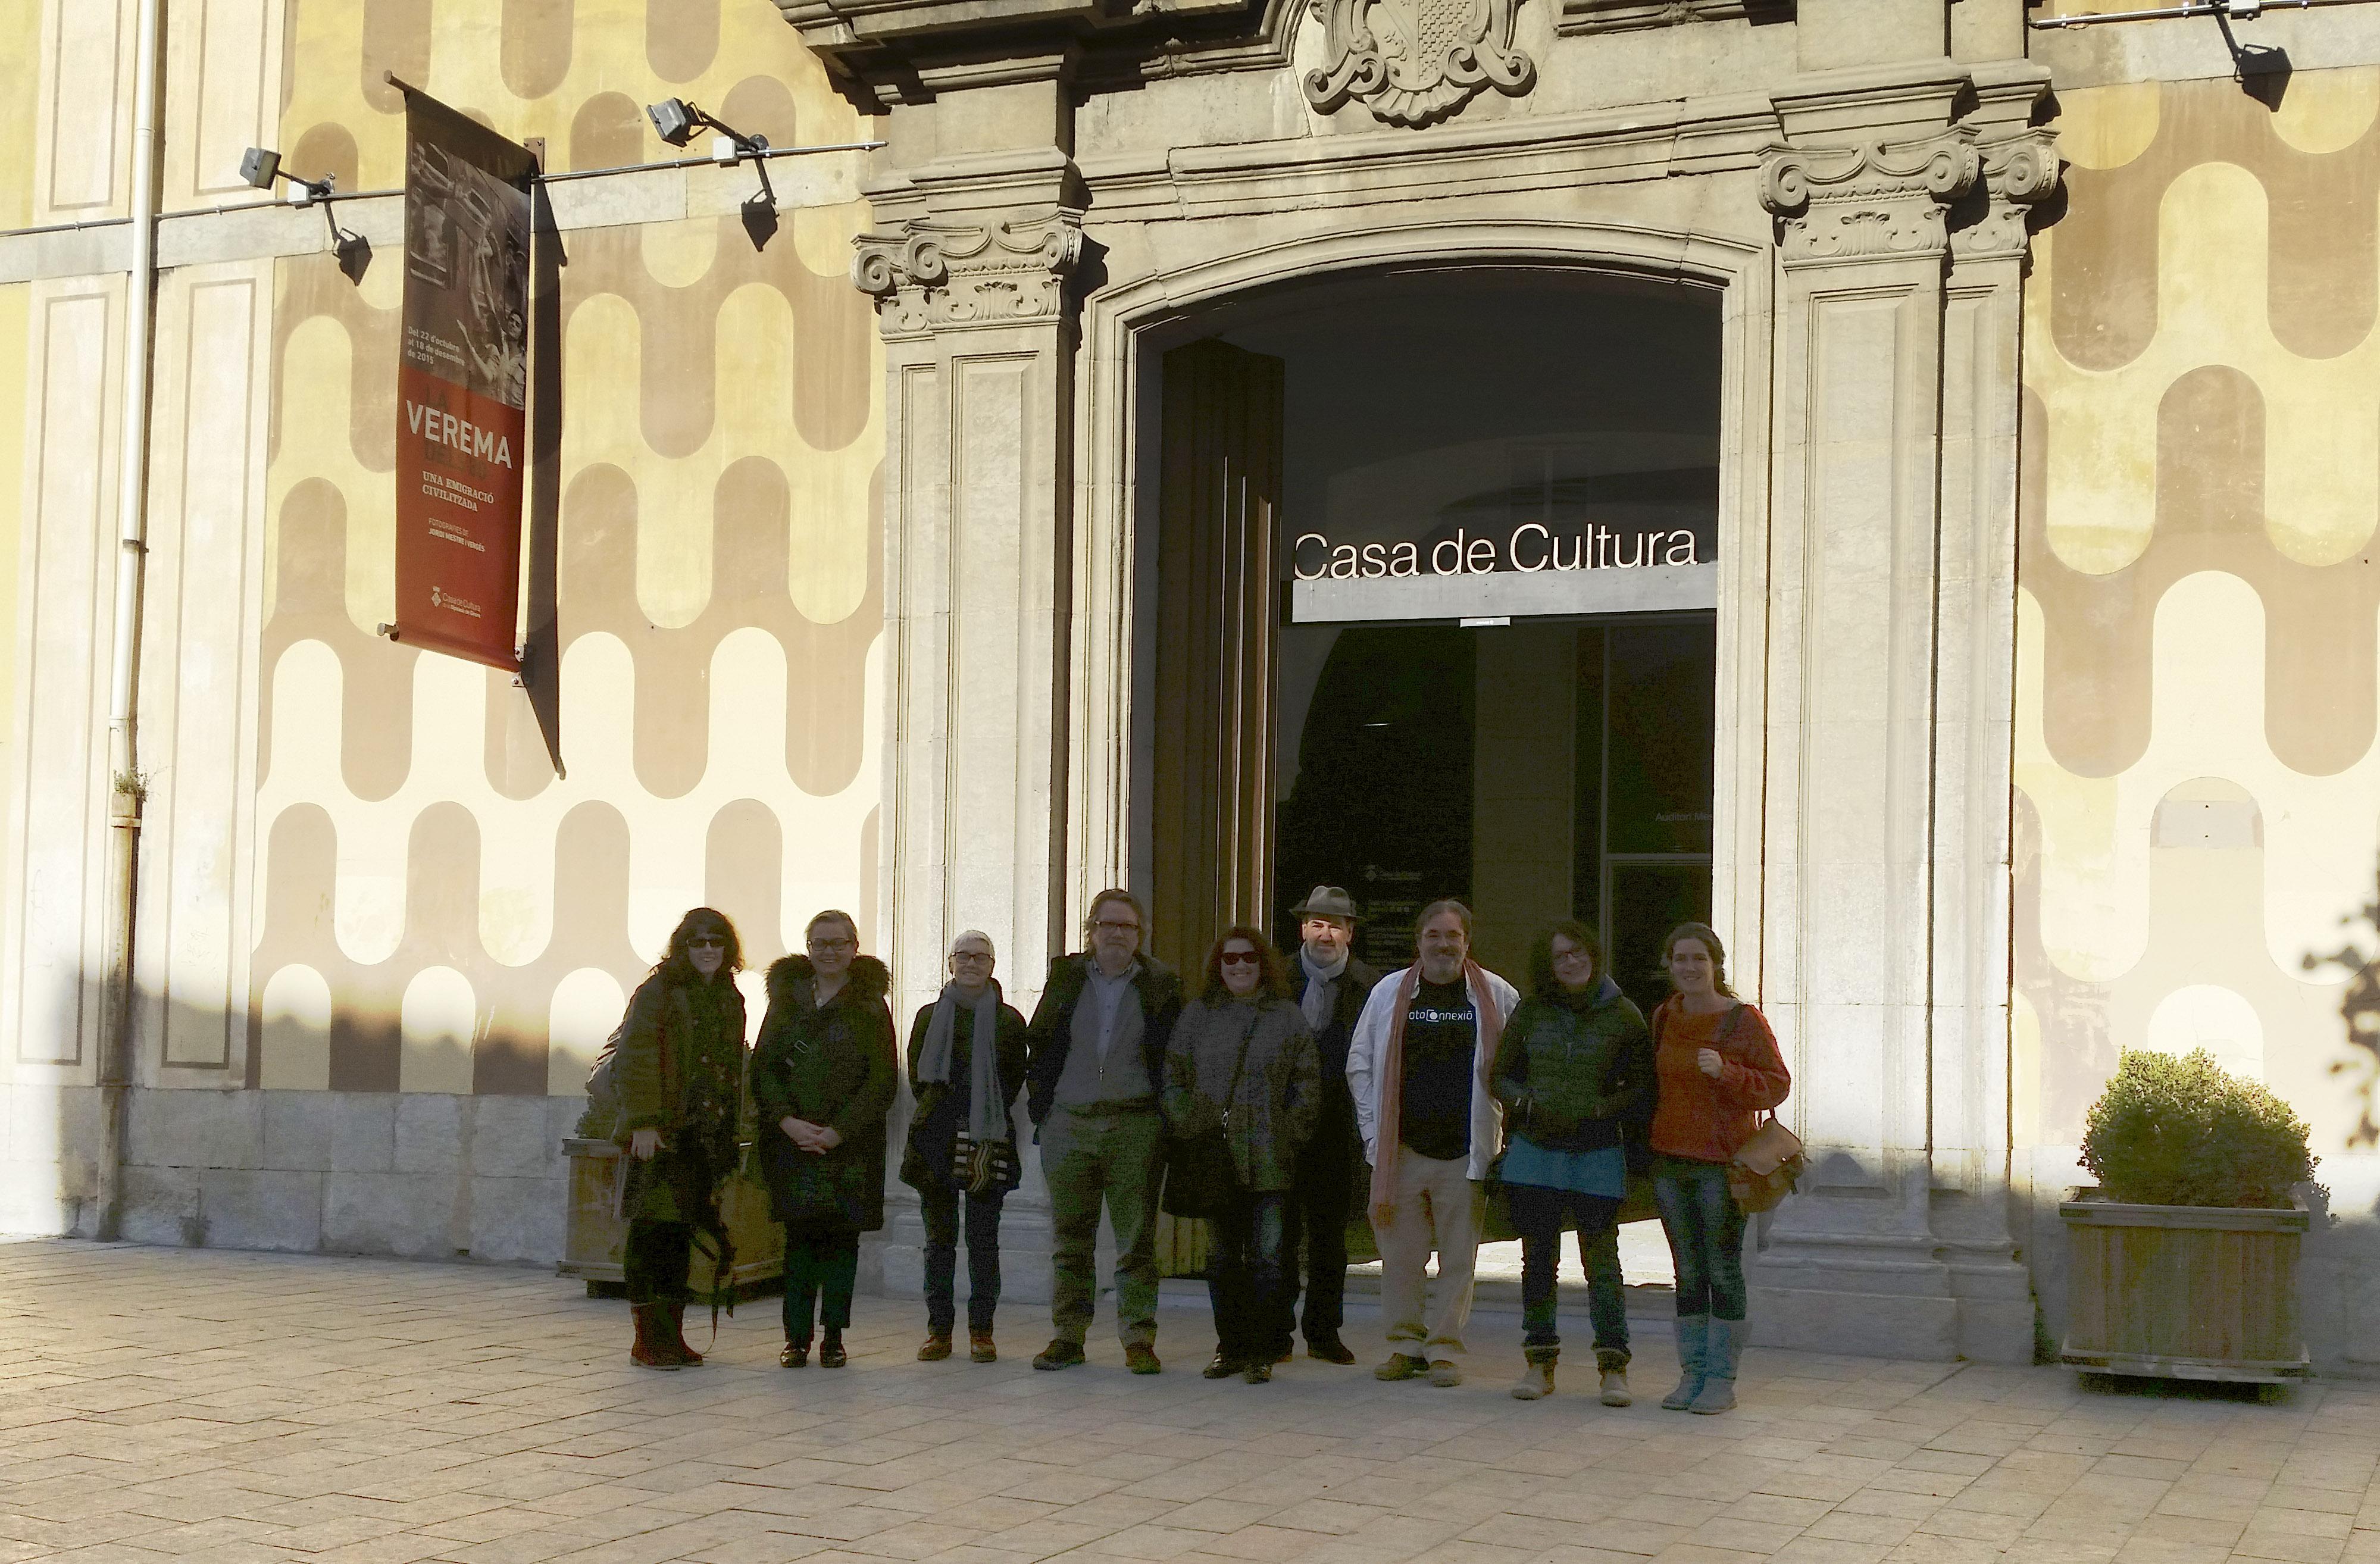 """Visita guiada exposició """"La verema dels 80. Una emigració civilitzada"""". 28/11/15"""